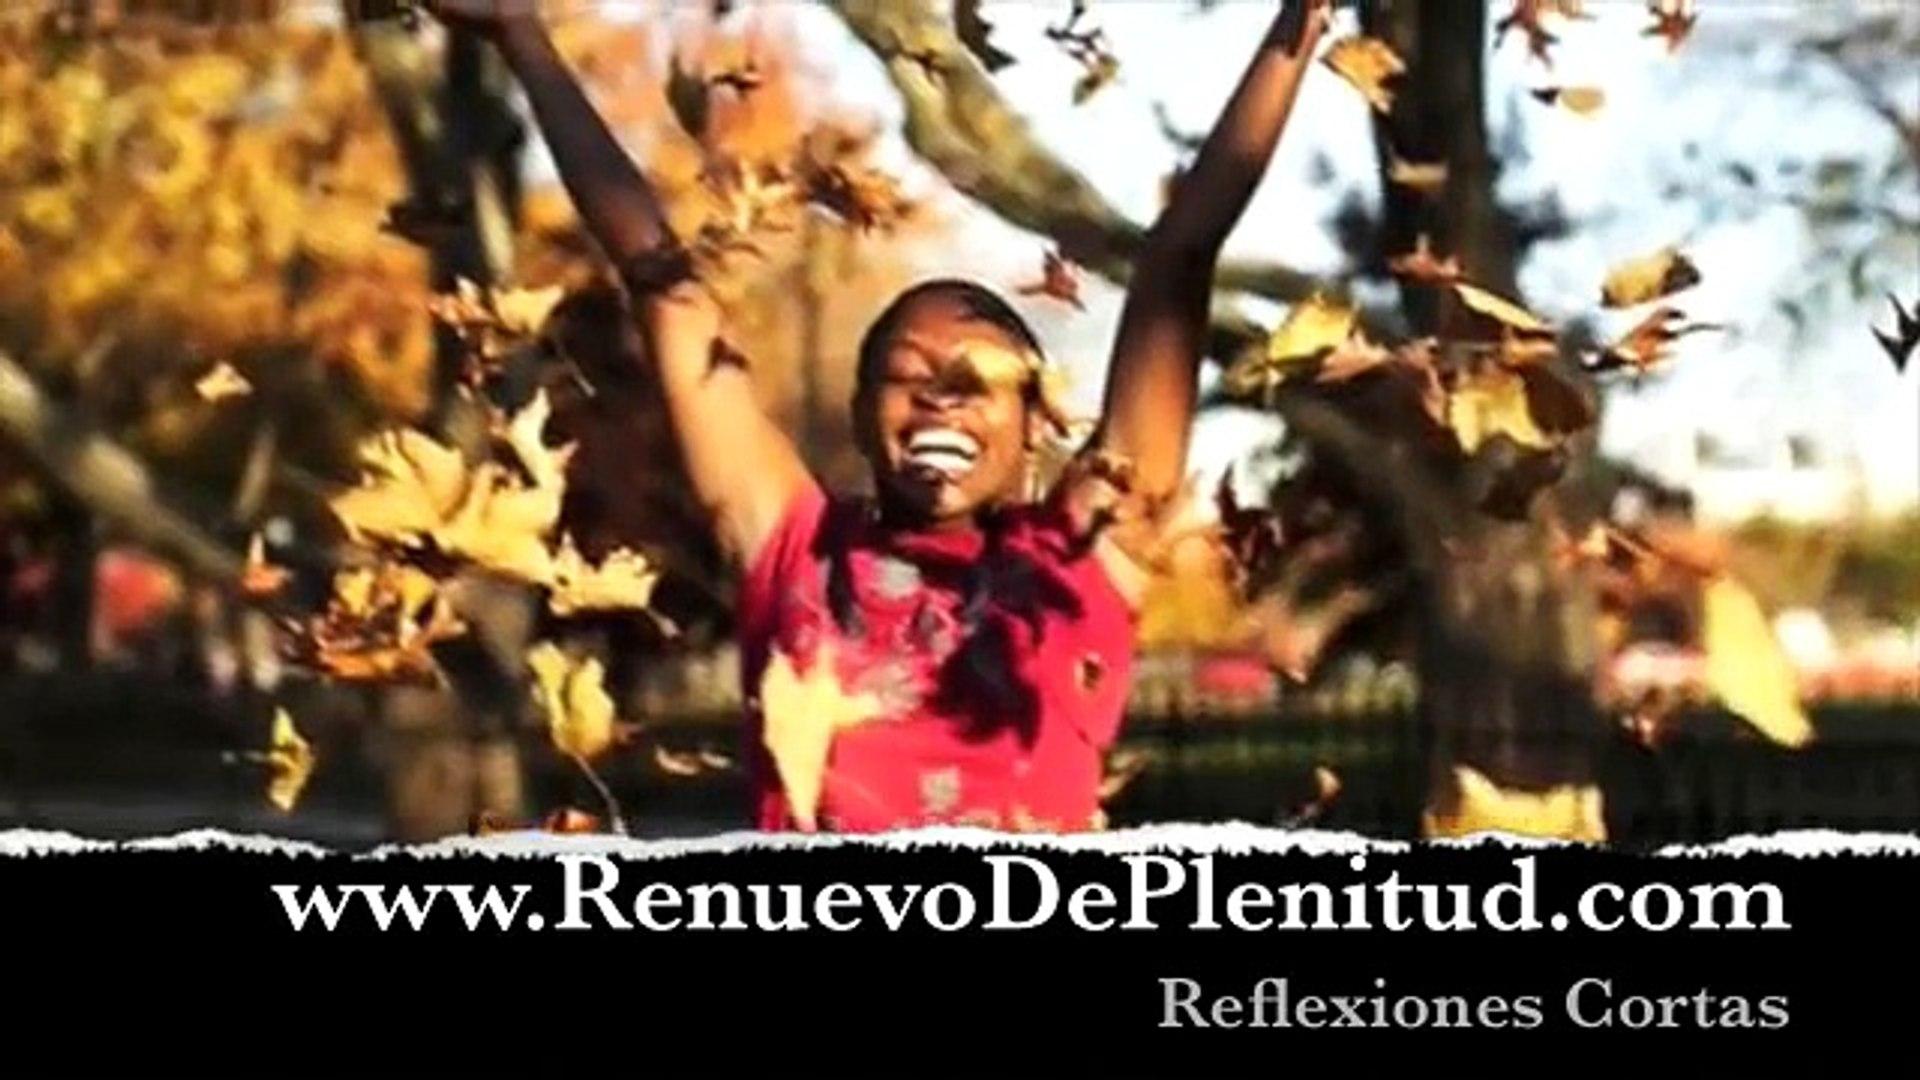 Reflexiones video - Las Moscas y la Miel - Videos Cristianos